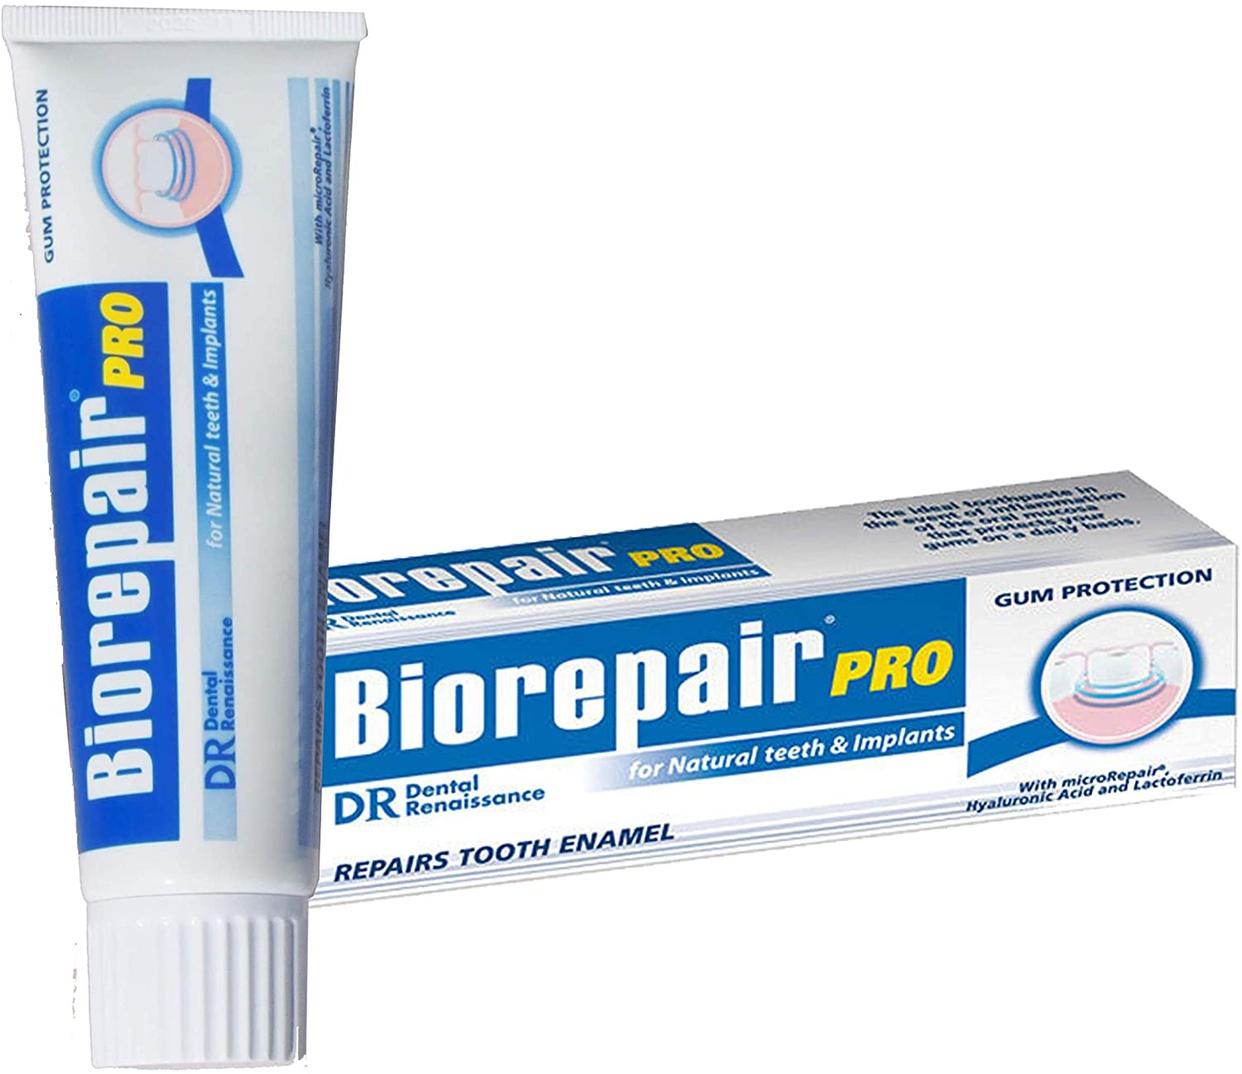 Biorepair PRO(バイオリペアプロ) バイオリペア プロの商品画像